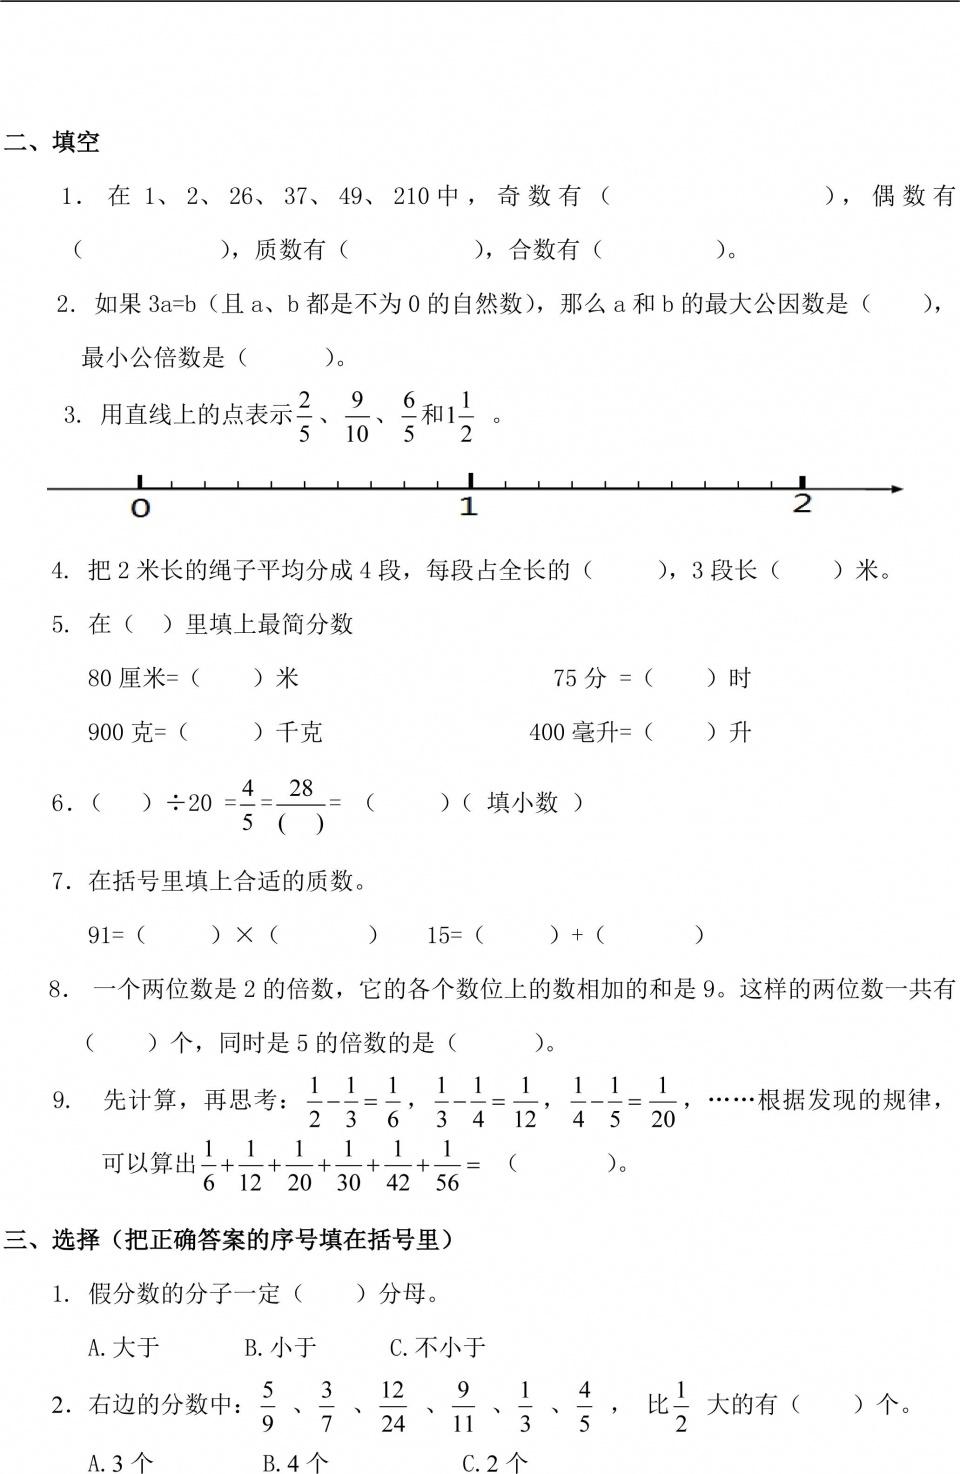 2018年春學期蘇教版五年級下冊數學期末練習試卷以及評分標準 - 壹讀